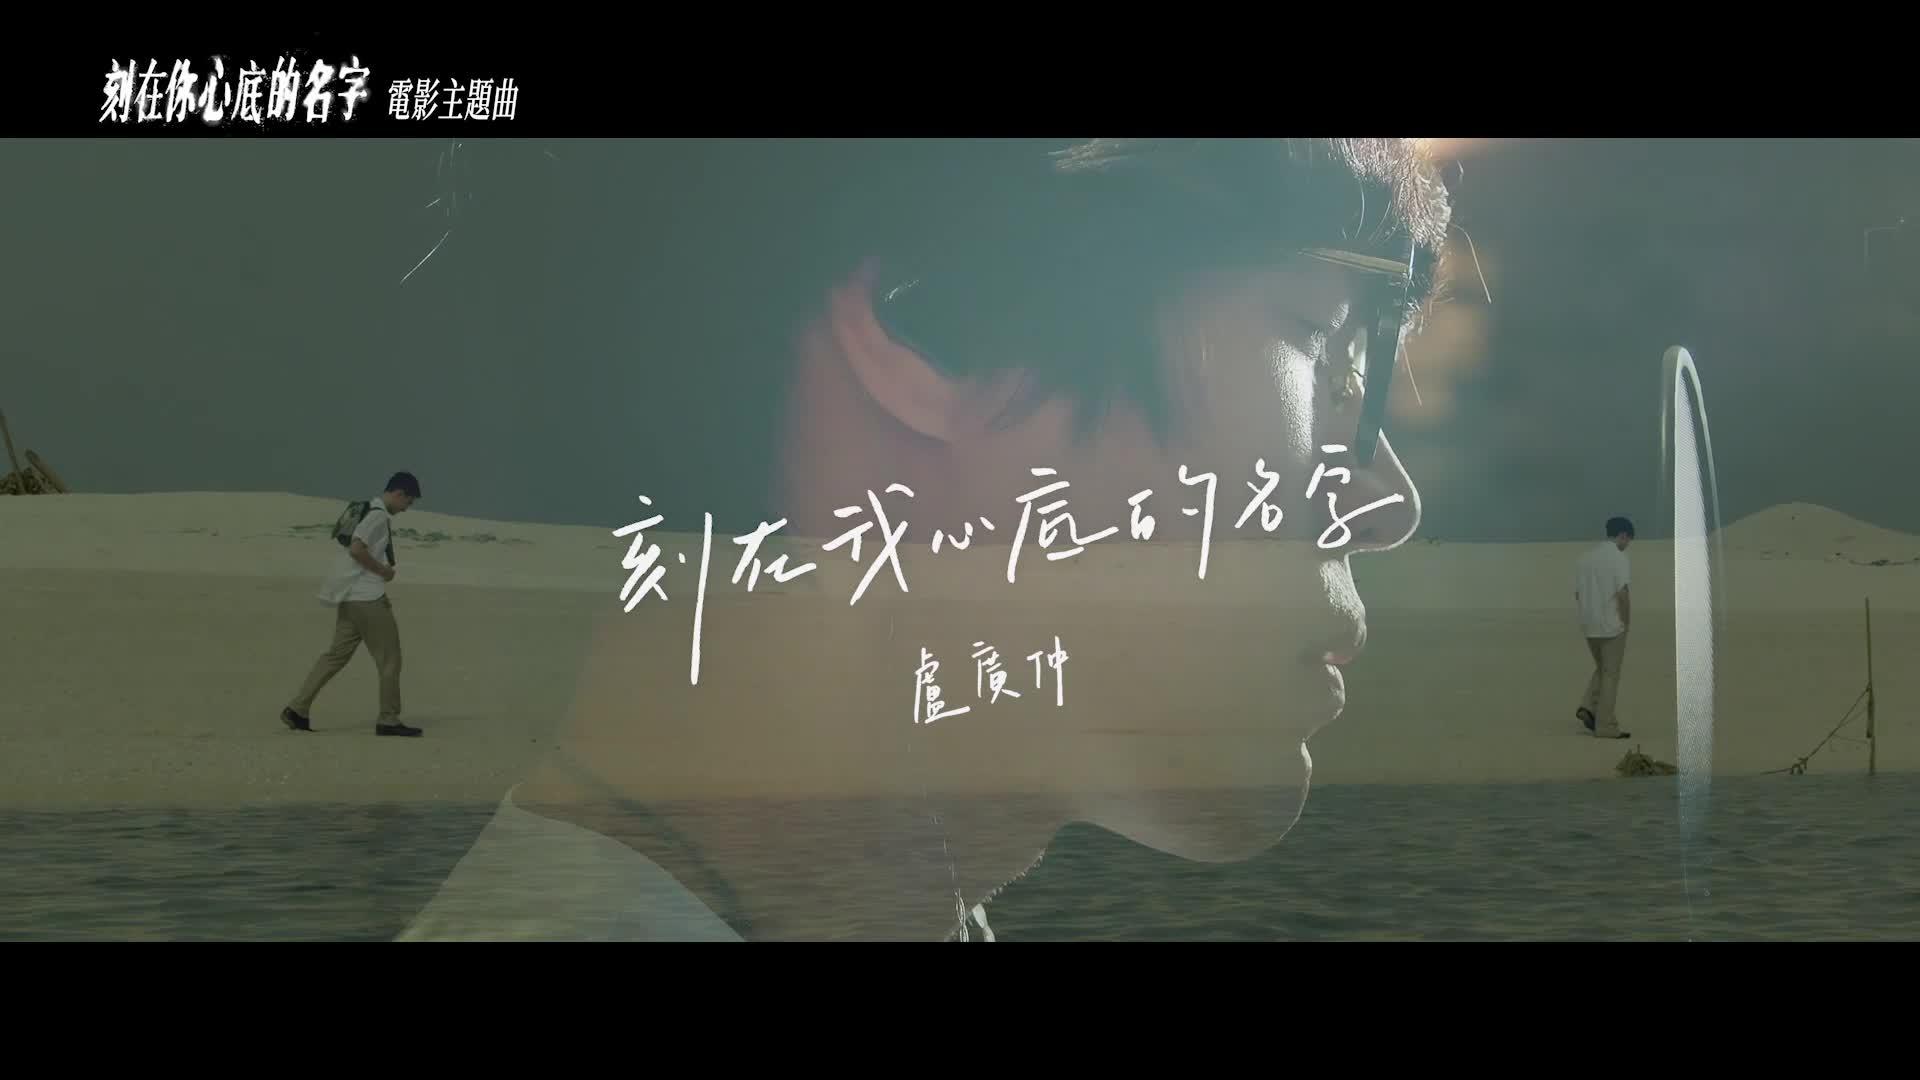 盧廣仲〈刻在我心底的名字〉官方版完整MV (《刻在你心底的名字》主題曲)